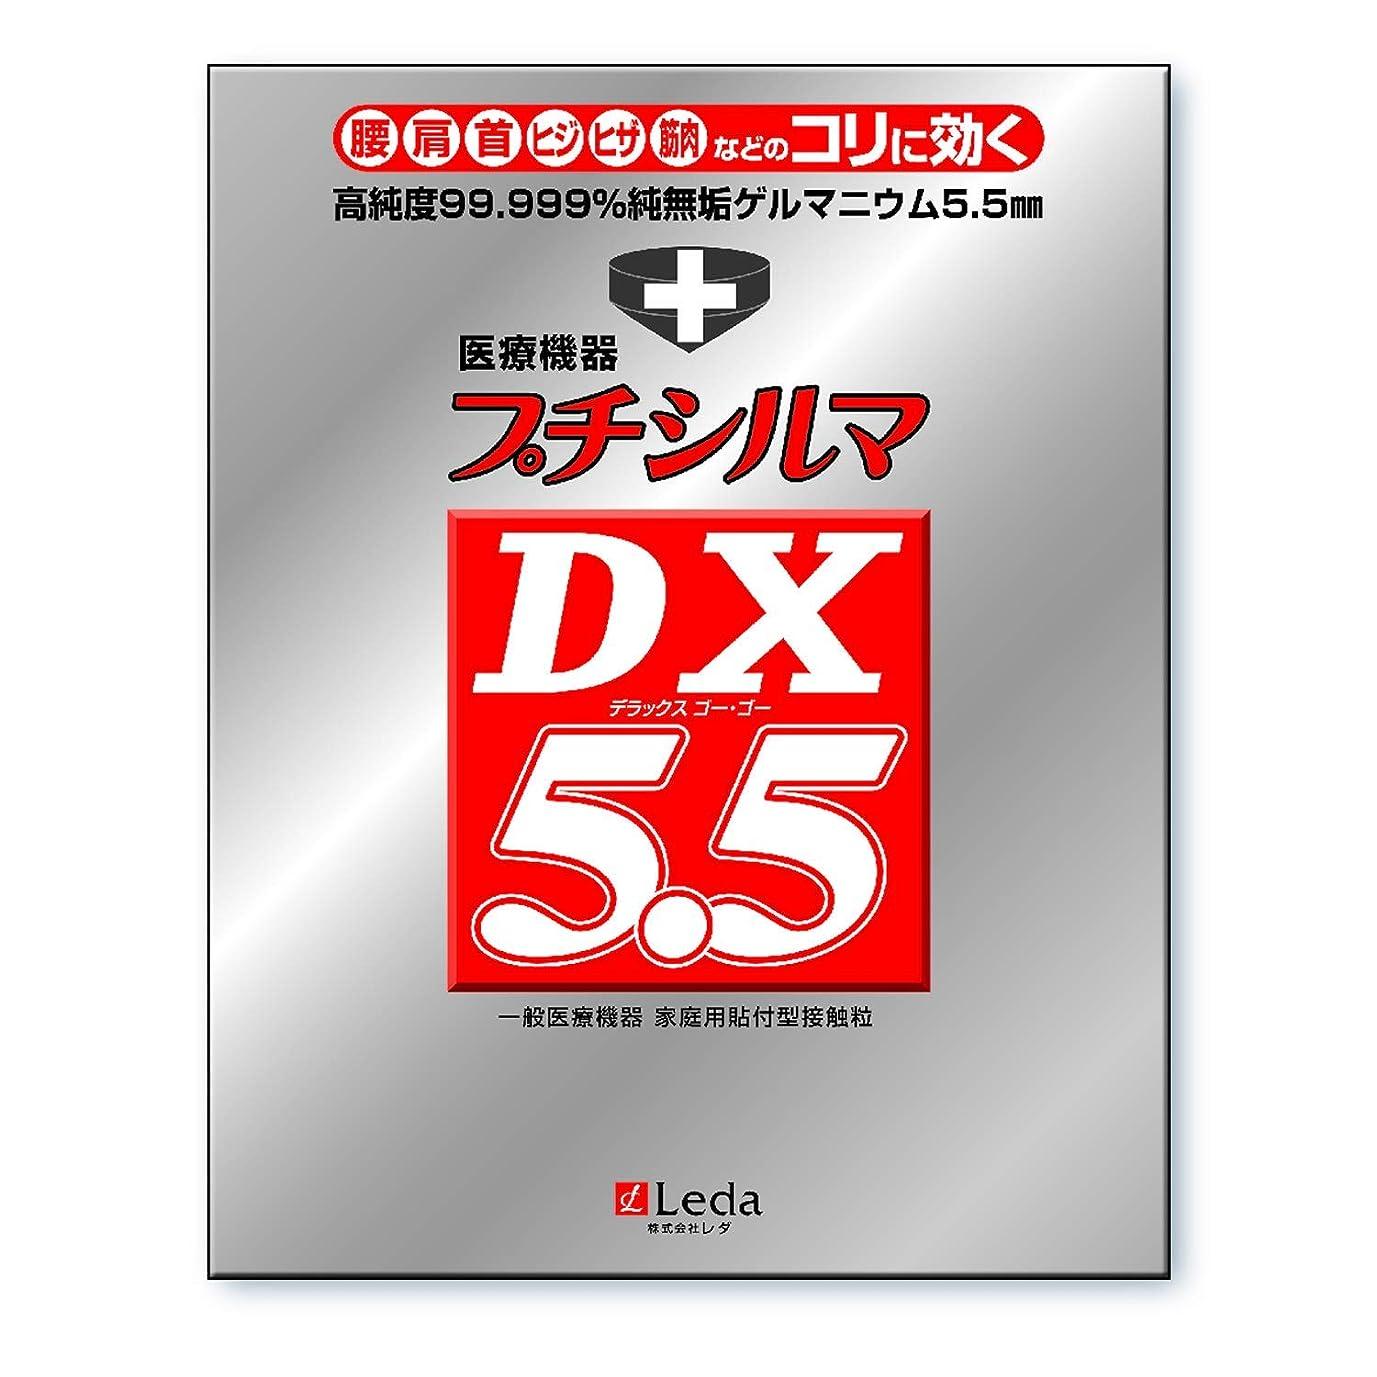 否認する照らす歴史プチシルマDX 5.5 お徳用替えプラスター200枚付き